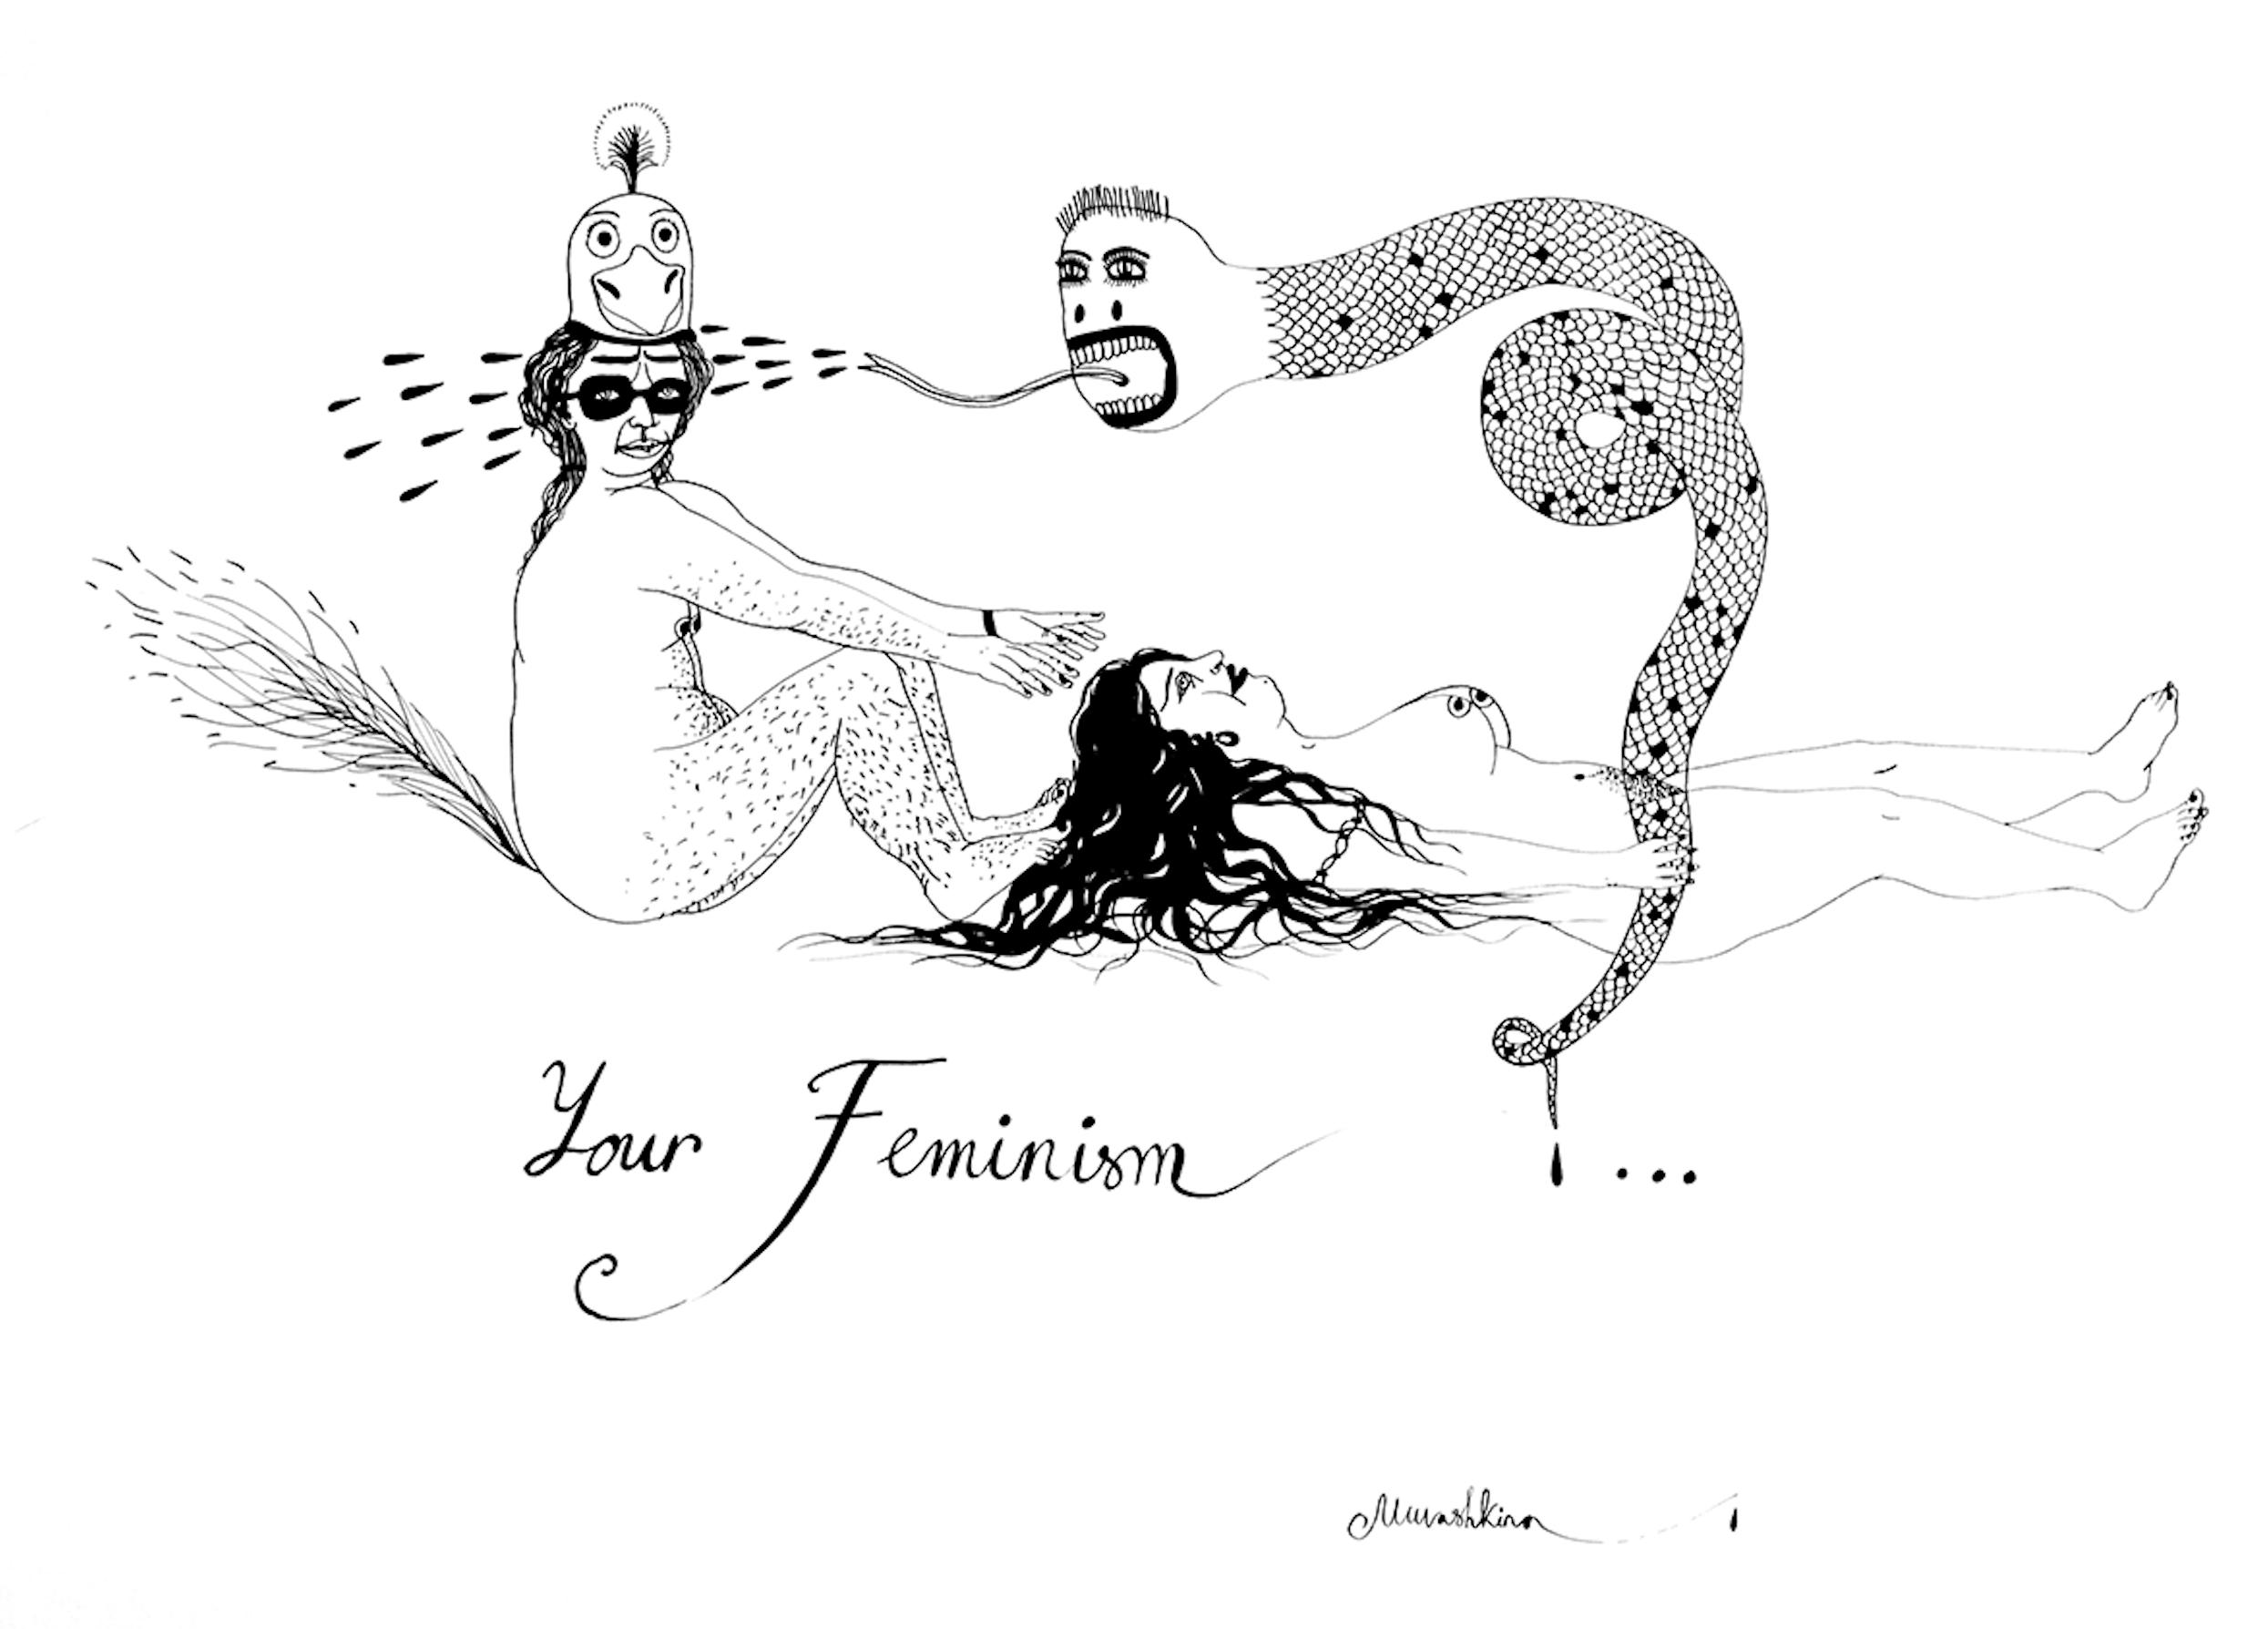 Нина Мурашкина: «Парни, а кто вам мешает сделать макияж и надеть платье?! Мы же в XXI веке живем!»